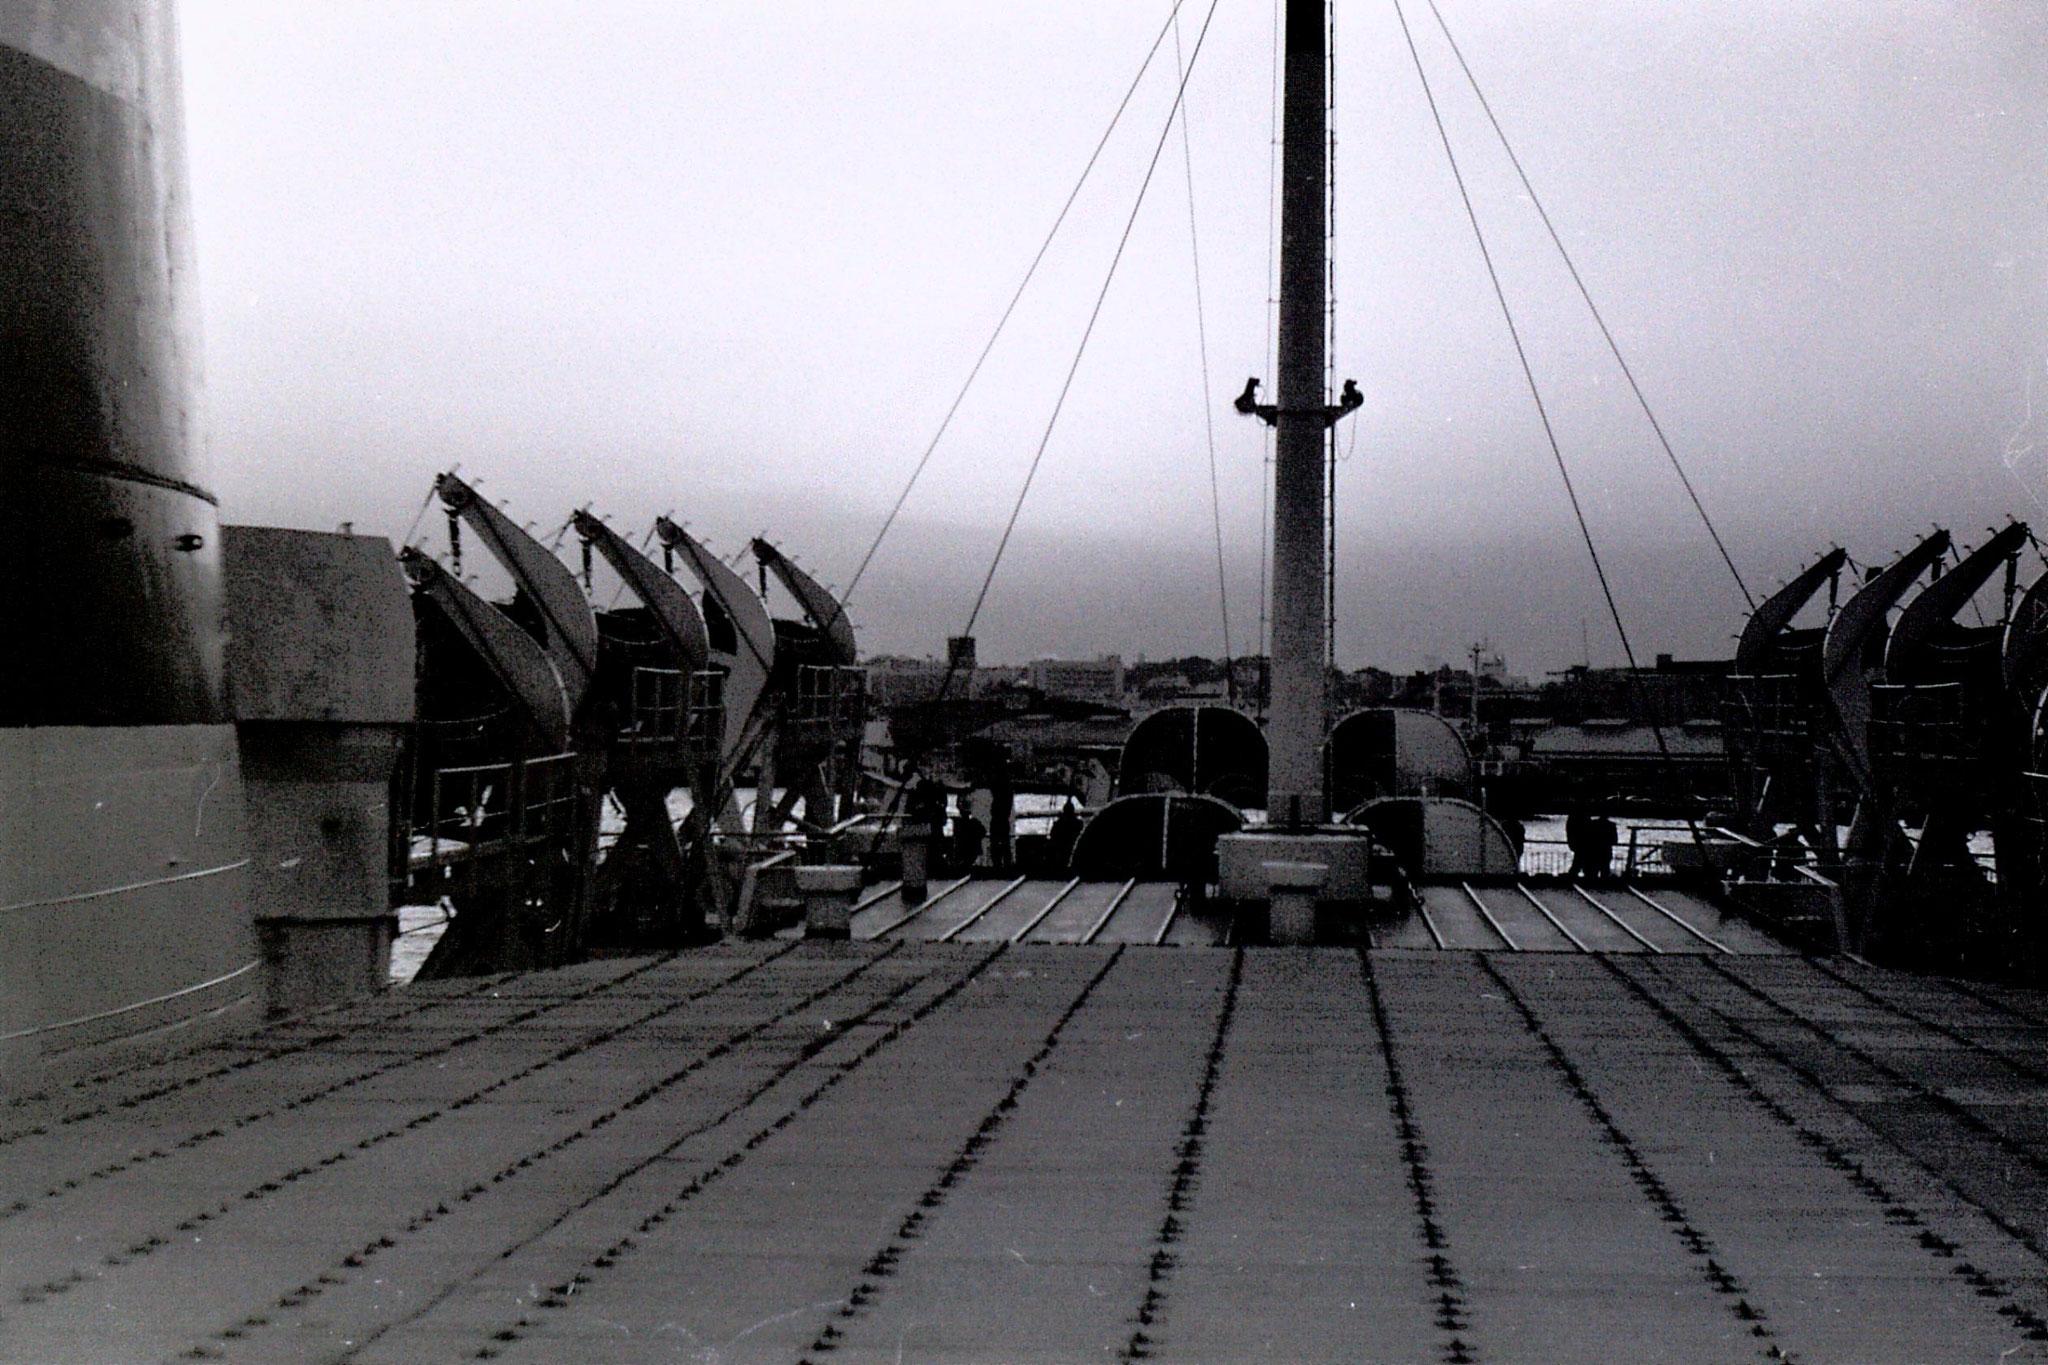 6/2/1989: 28: on ship at Yokohama habour